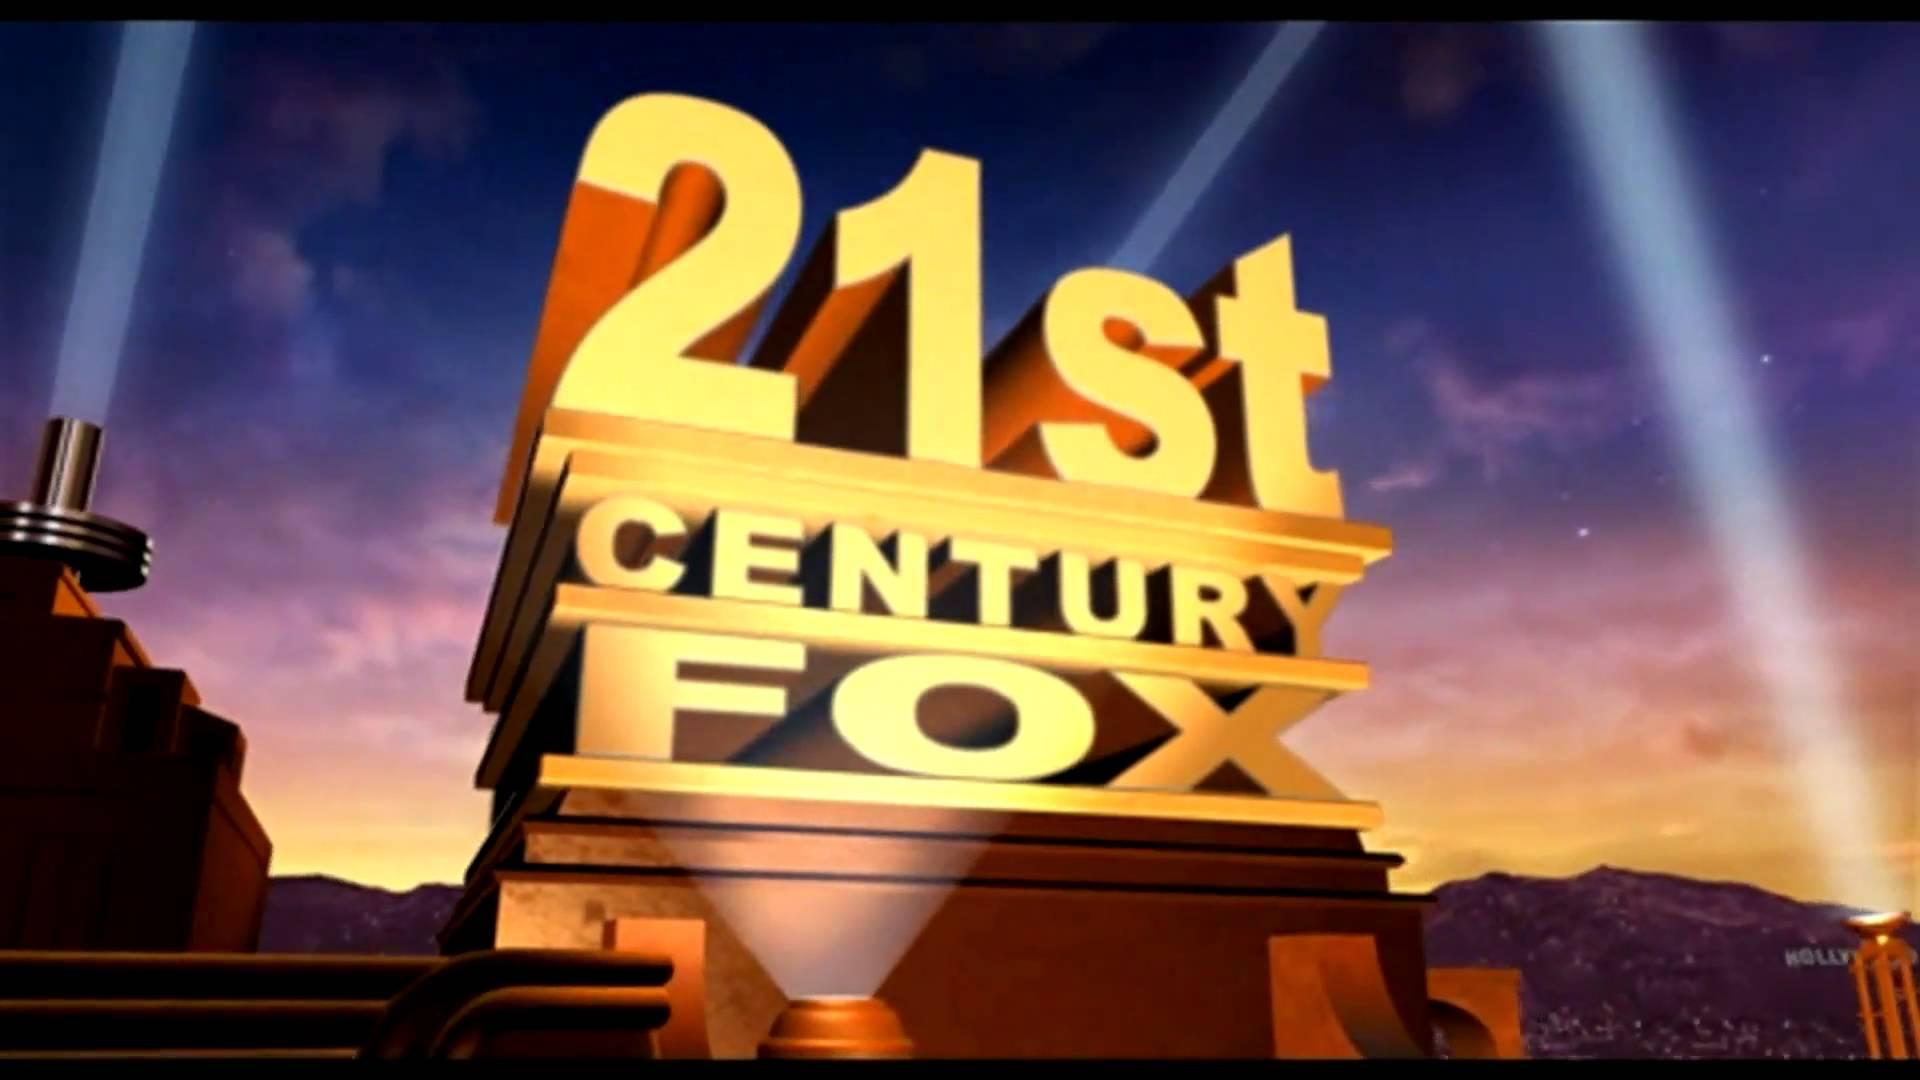 21st Century Fox, es el cuarto mayor conglomerado de medios de comunicación del mundo (después de The Walt Disney Company, Comcast, y Time Warner)